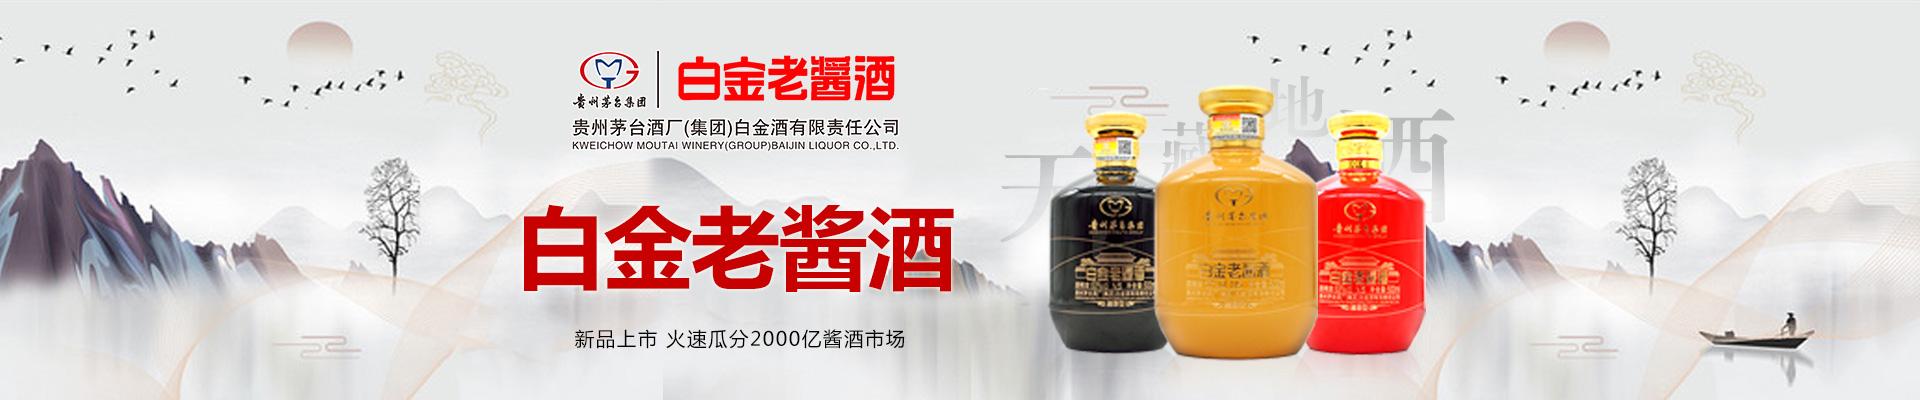 成都世纪金牌酒业有限公司